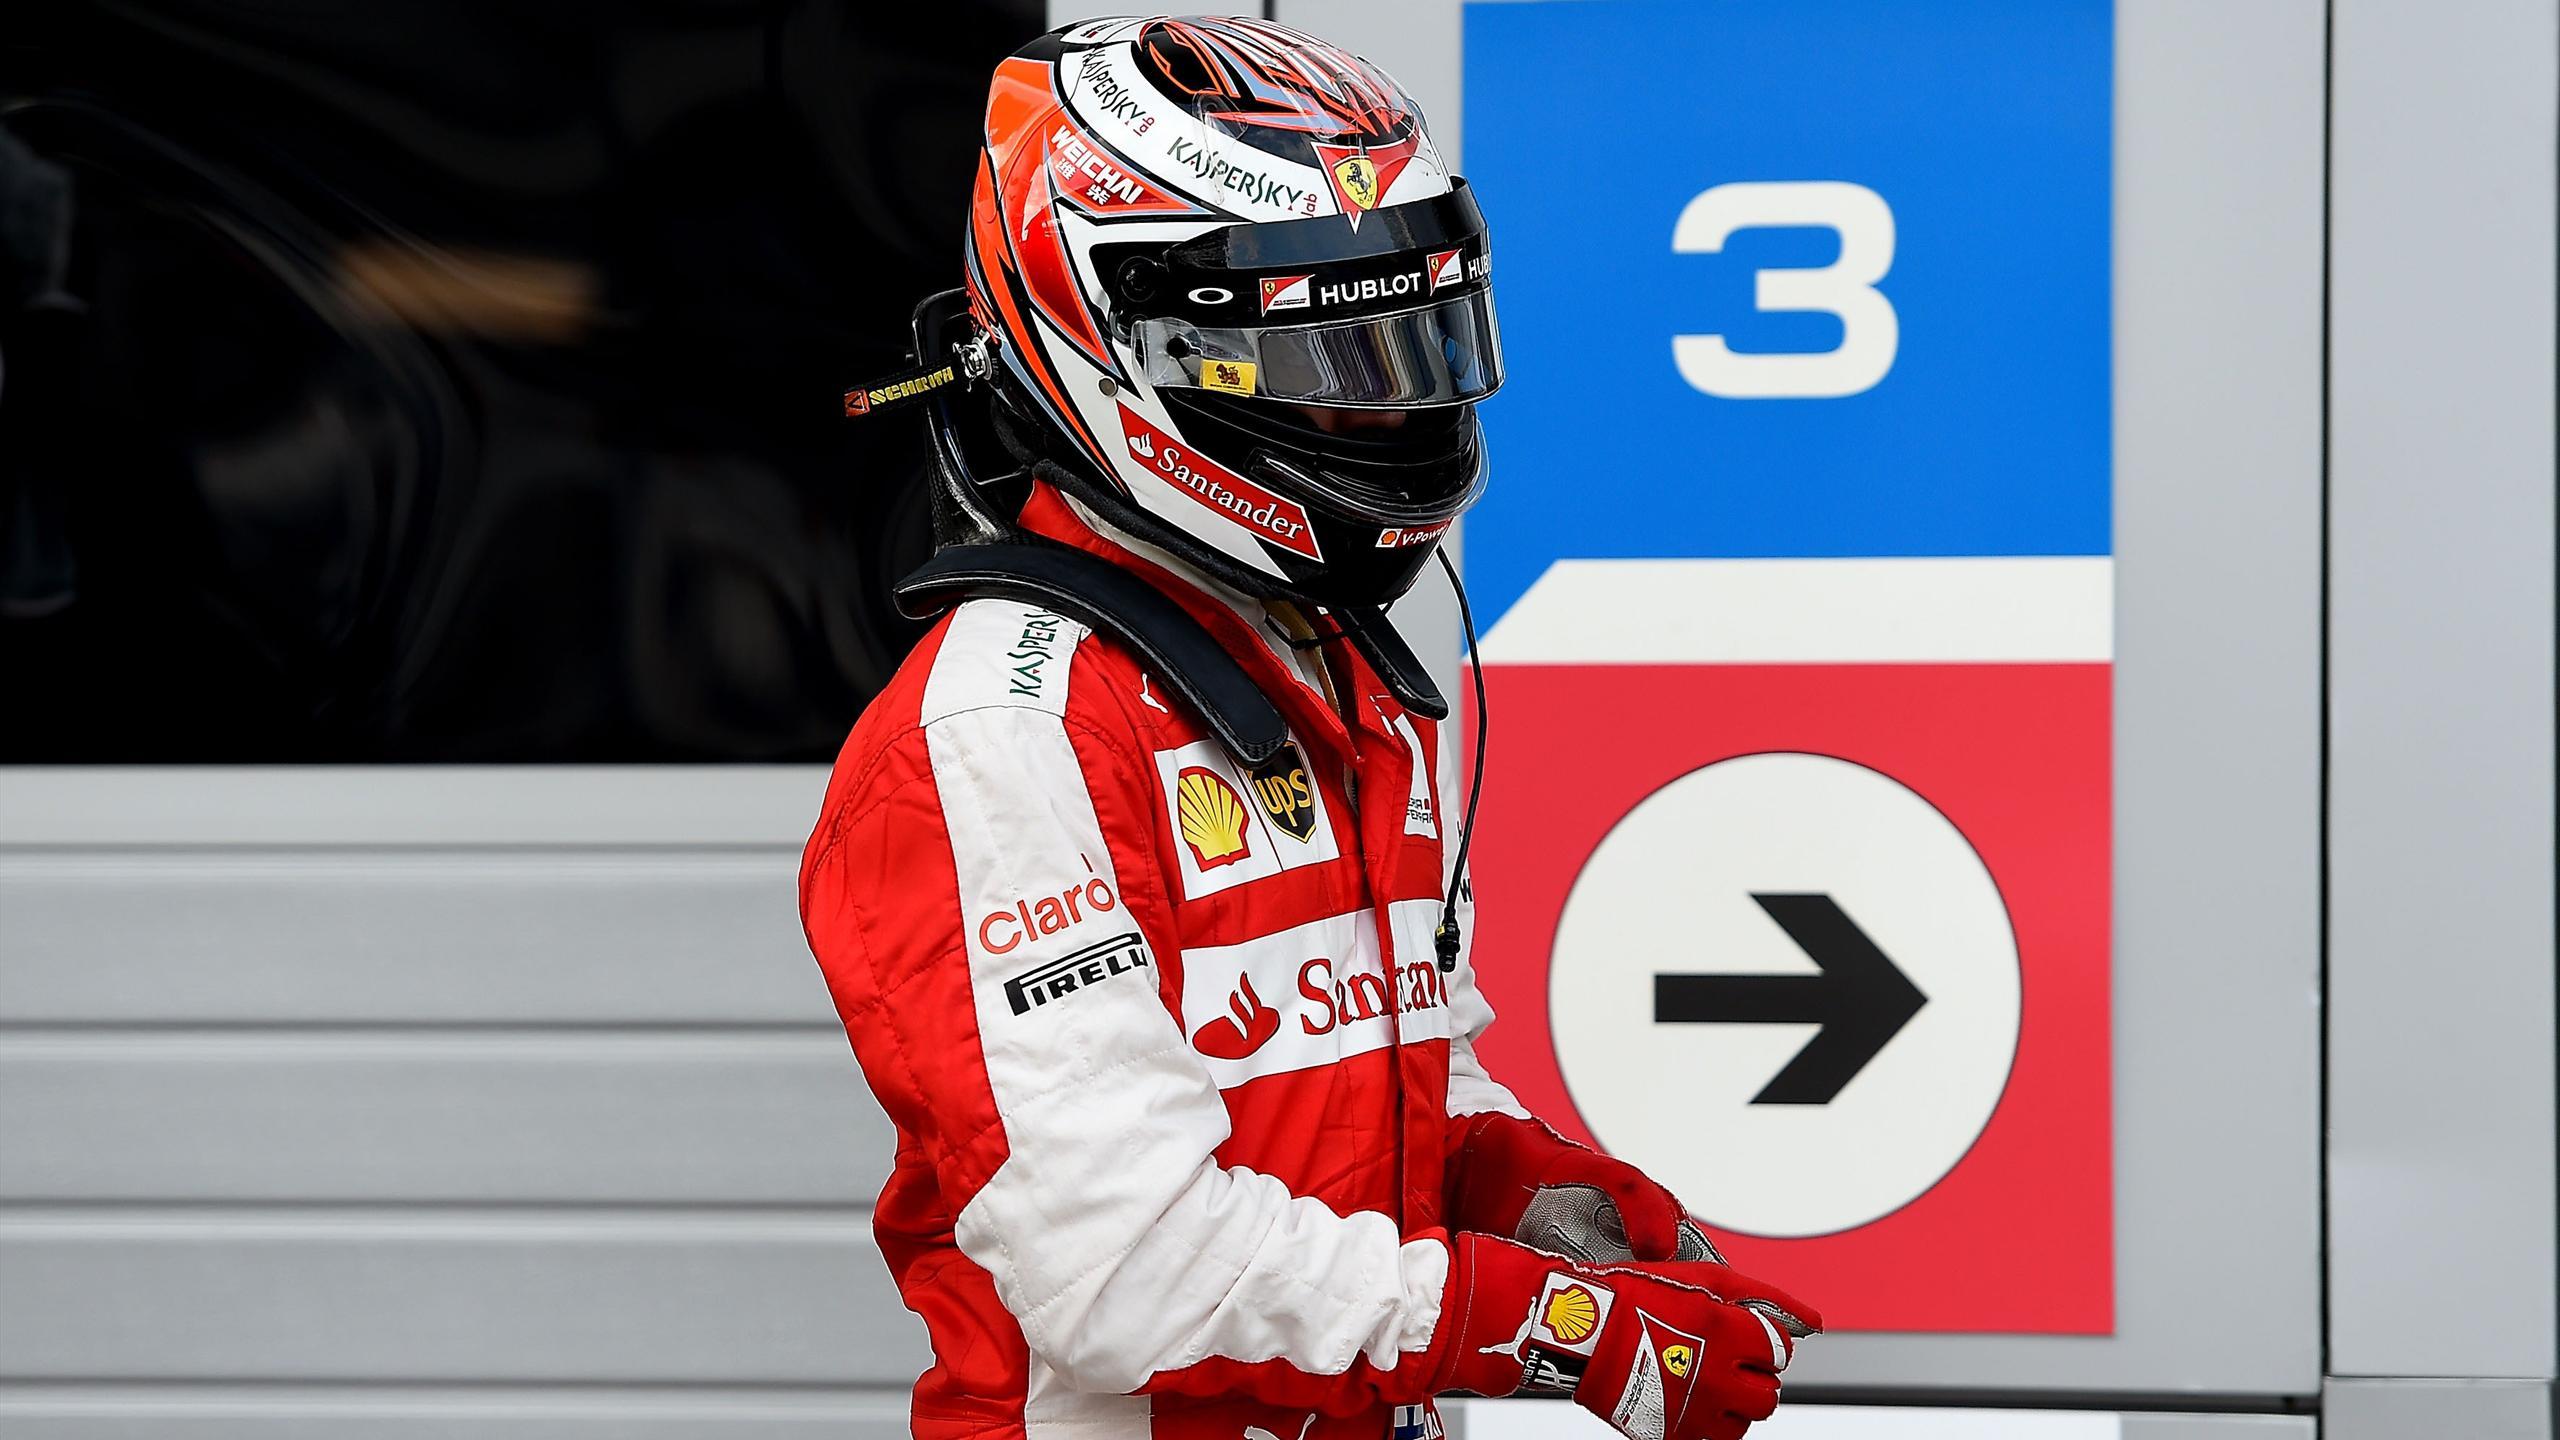 Kimi Räikkönen (Ferrari) - GP of Russia 2015